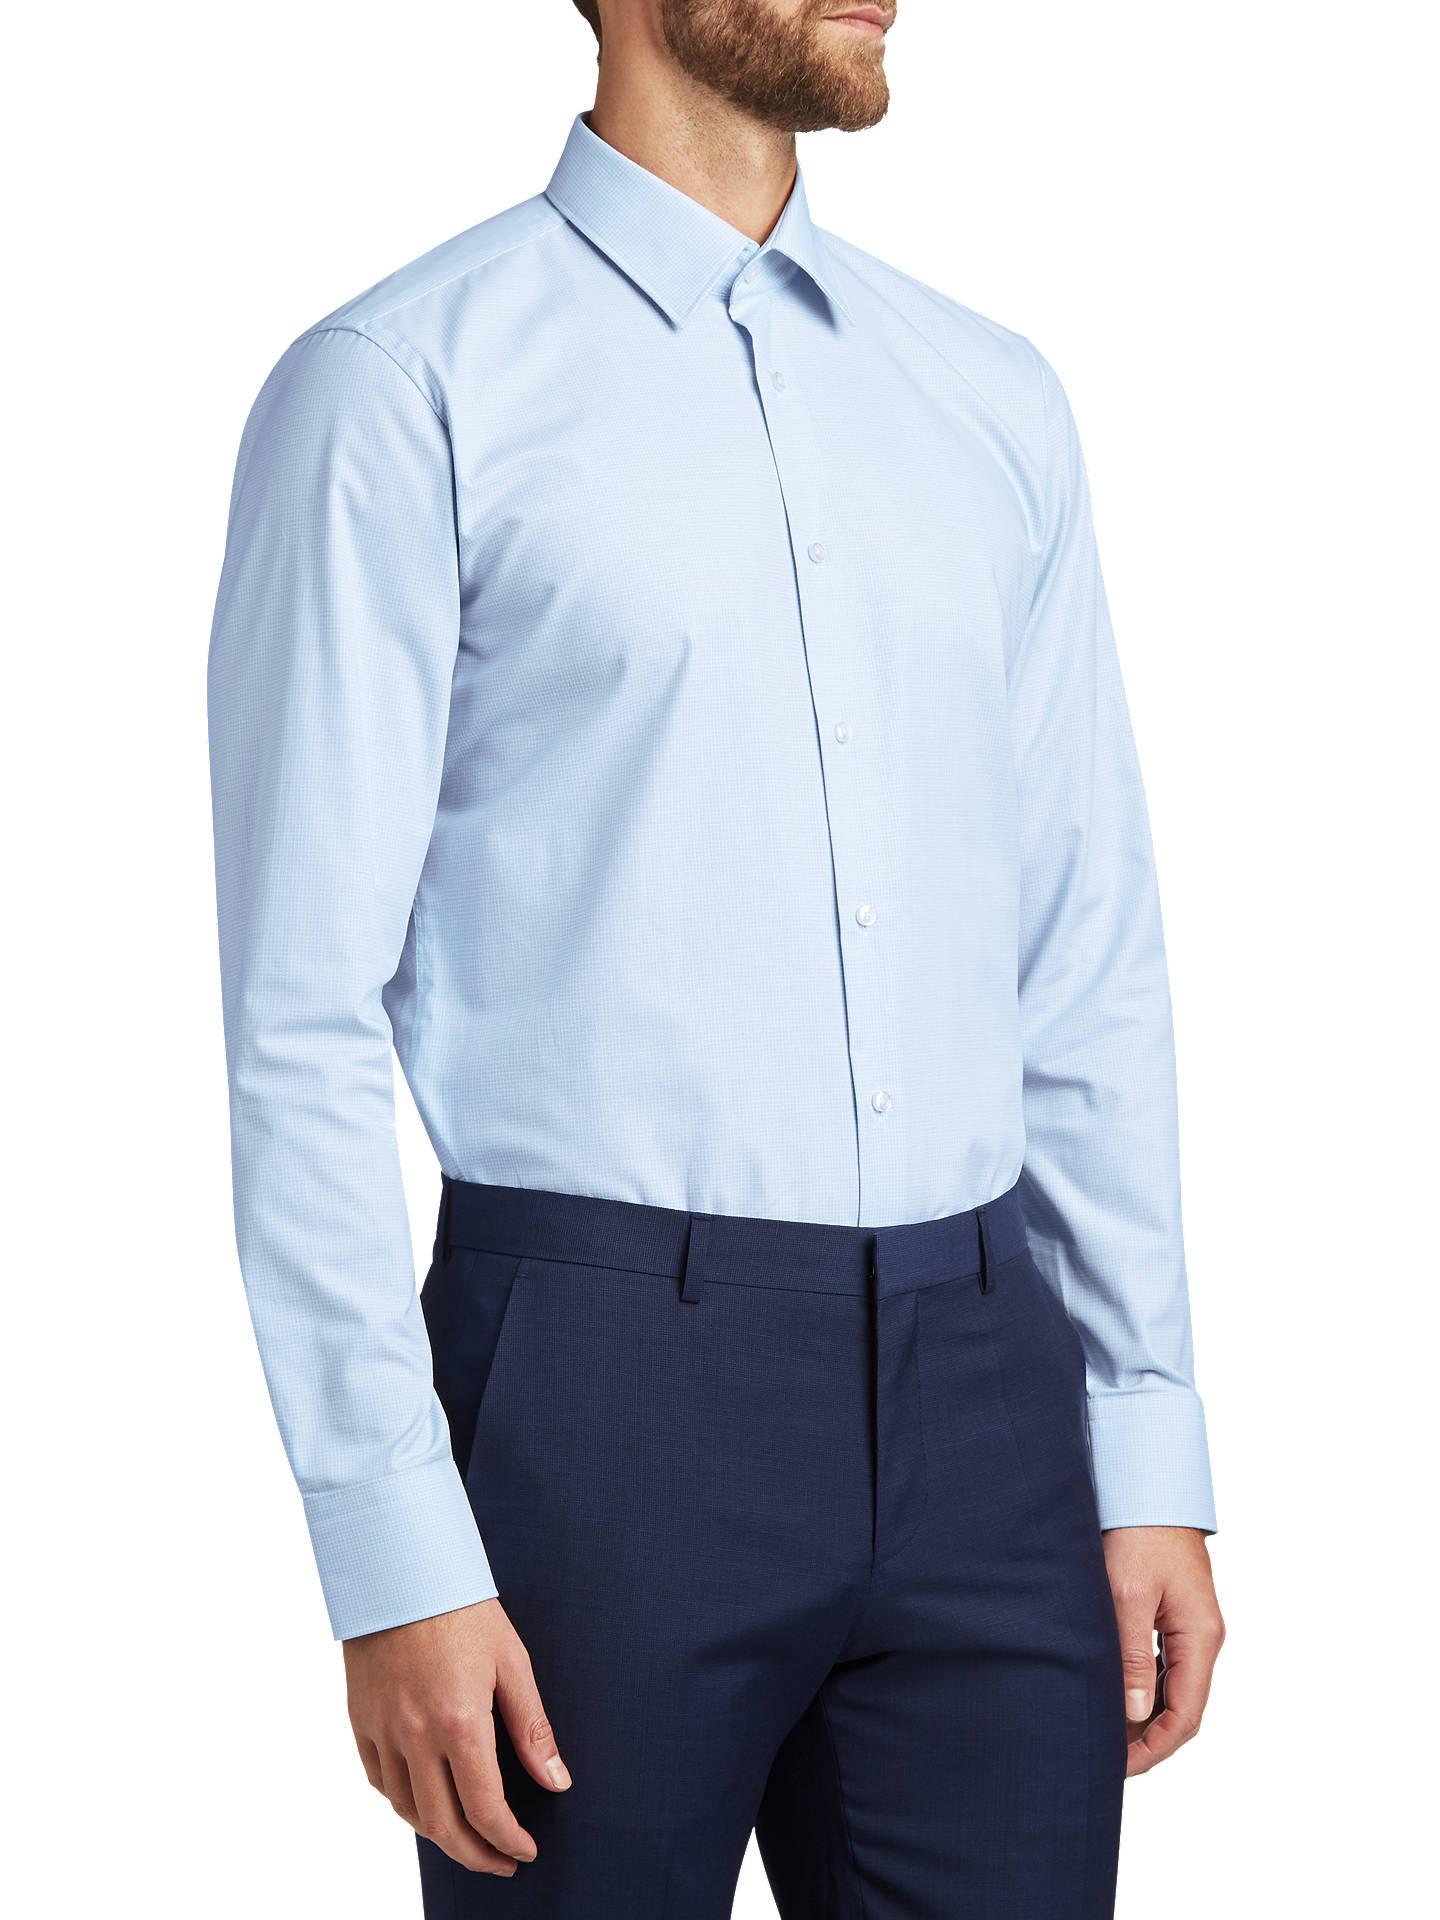 bester Preis Infos für Tropfenverschiffen HUGO by Hugo Boss Enzo Cross Weave Regular Fit Shirt, Light ...